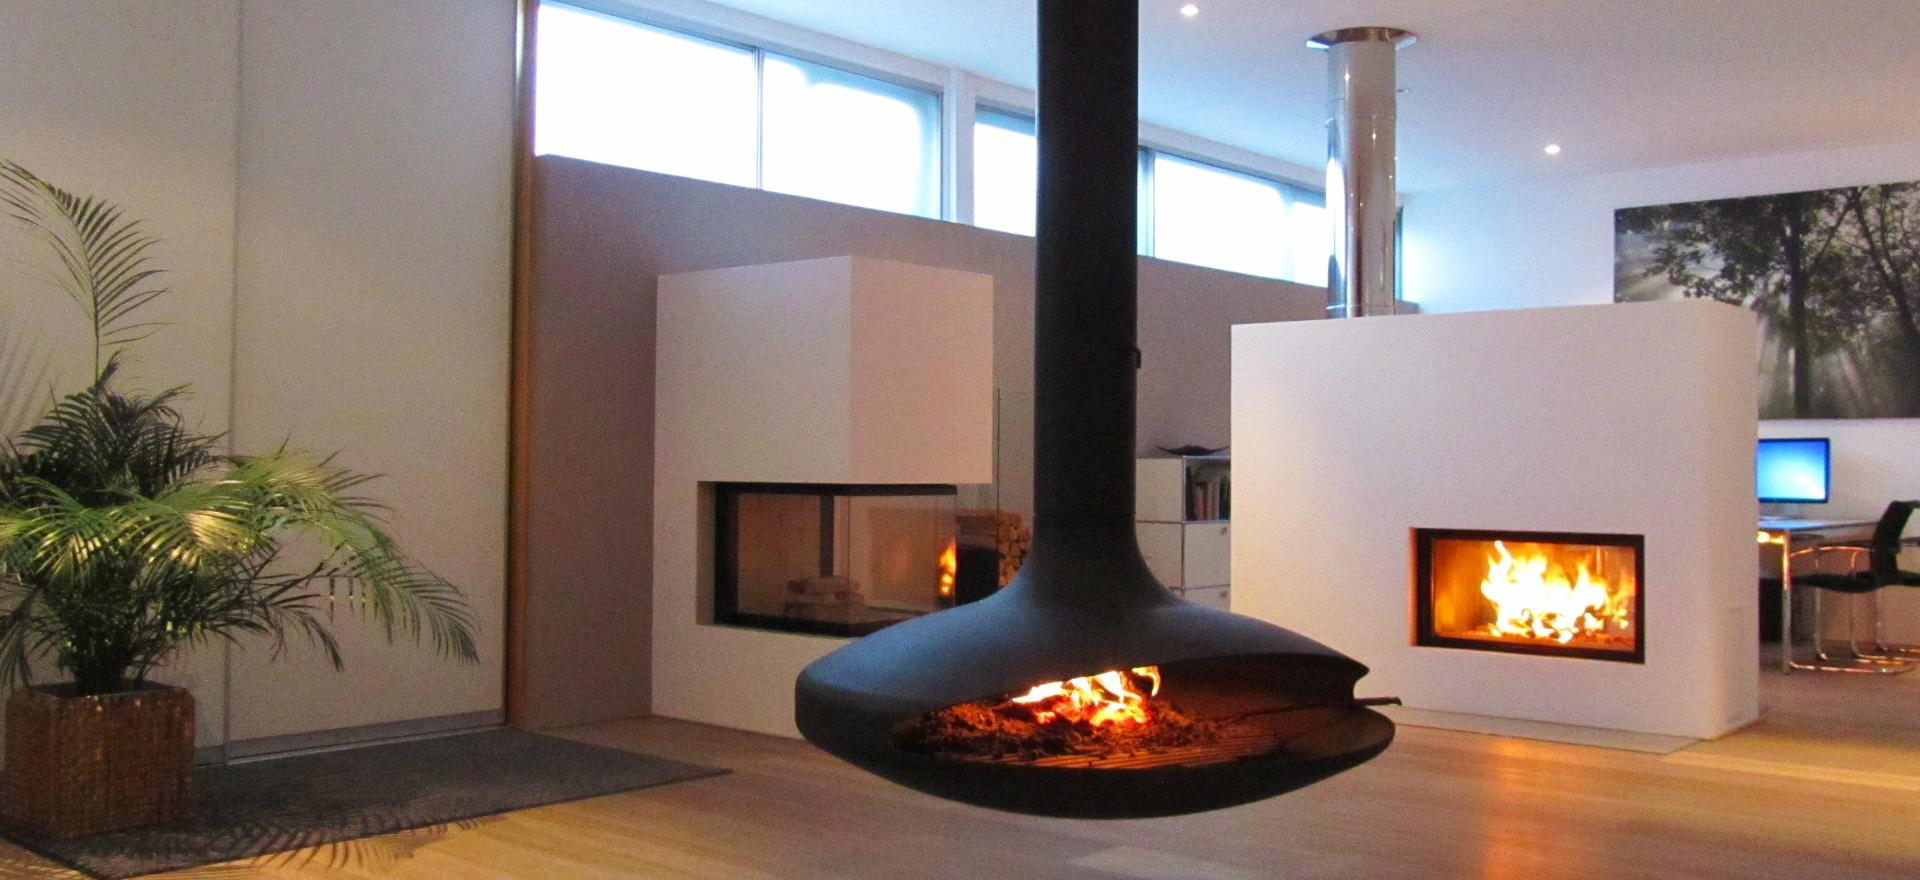 kontakt kamin ofen steger gmbh. Black Bedroom Furniture Sets. Home Design Ideas